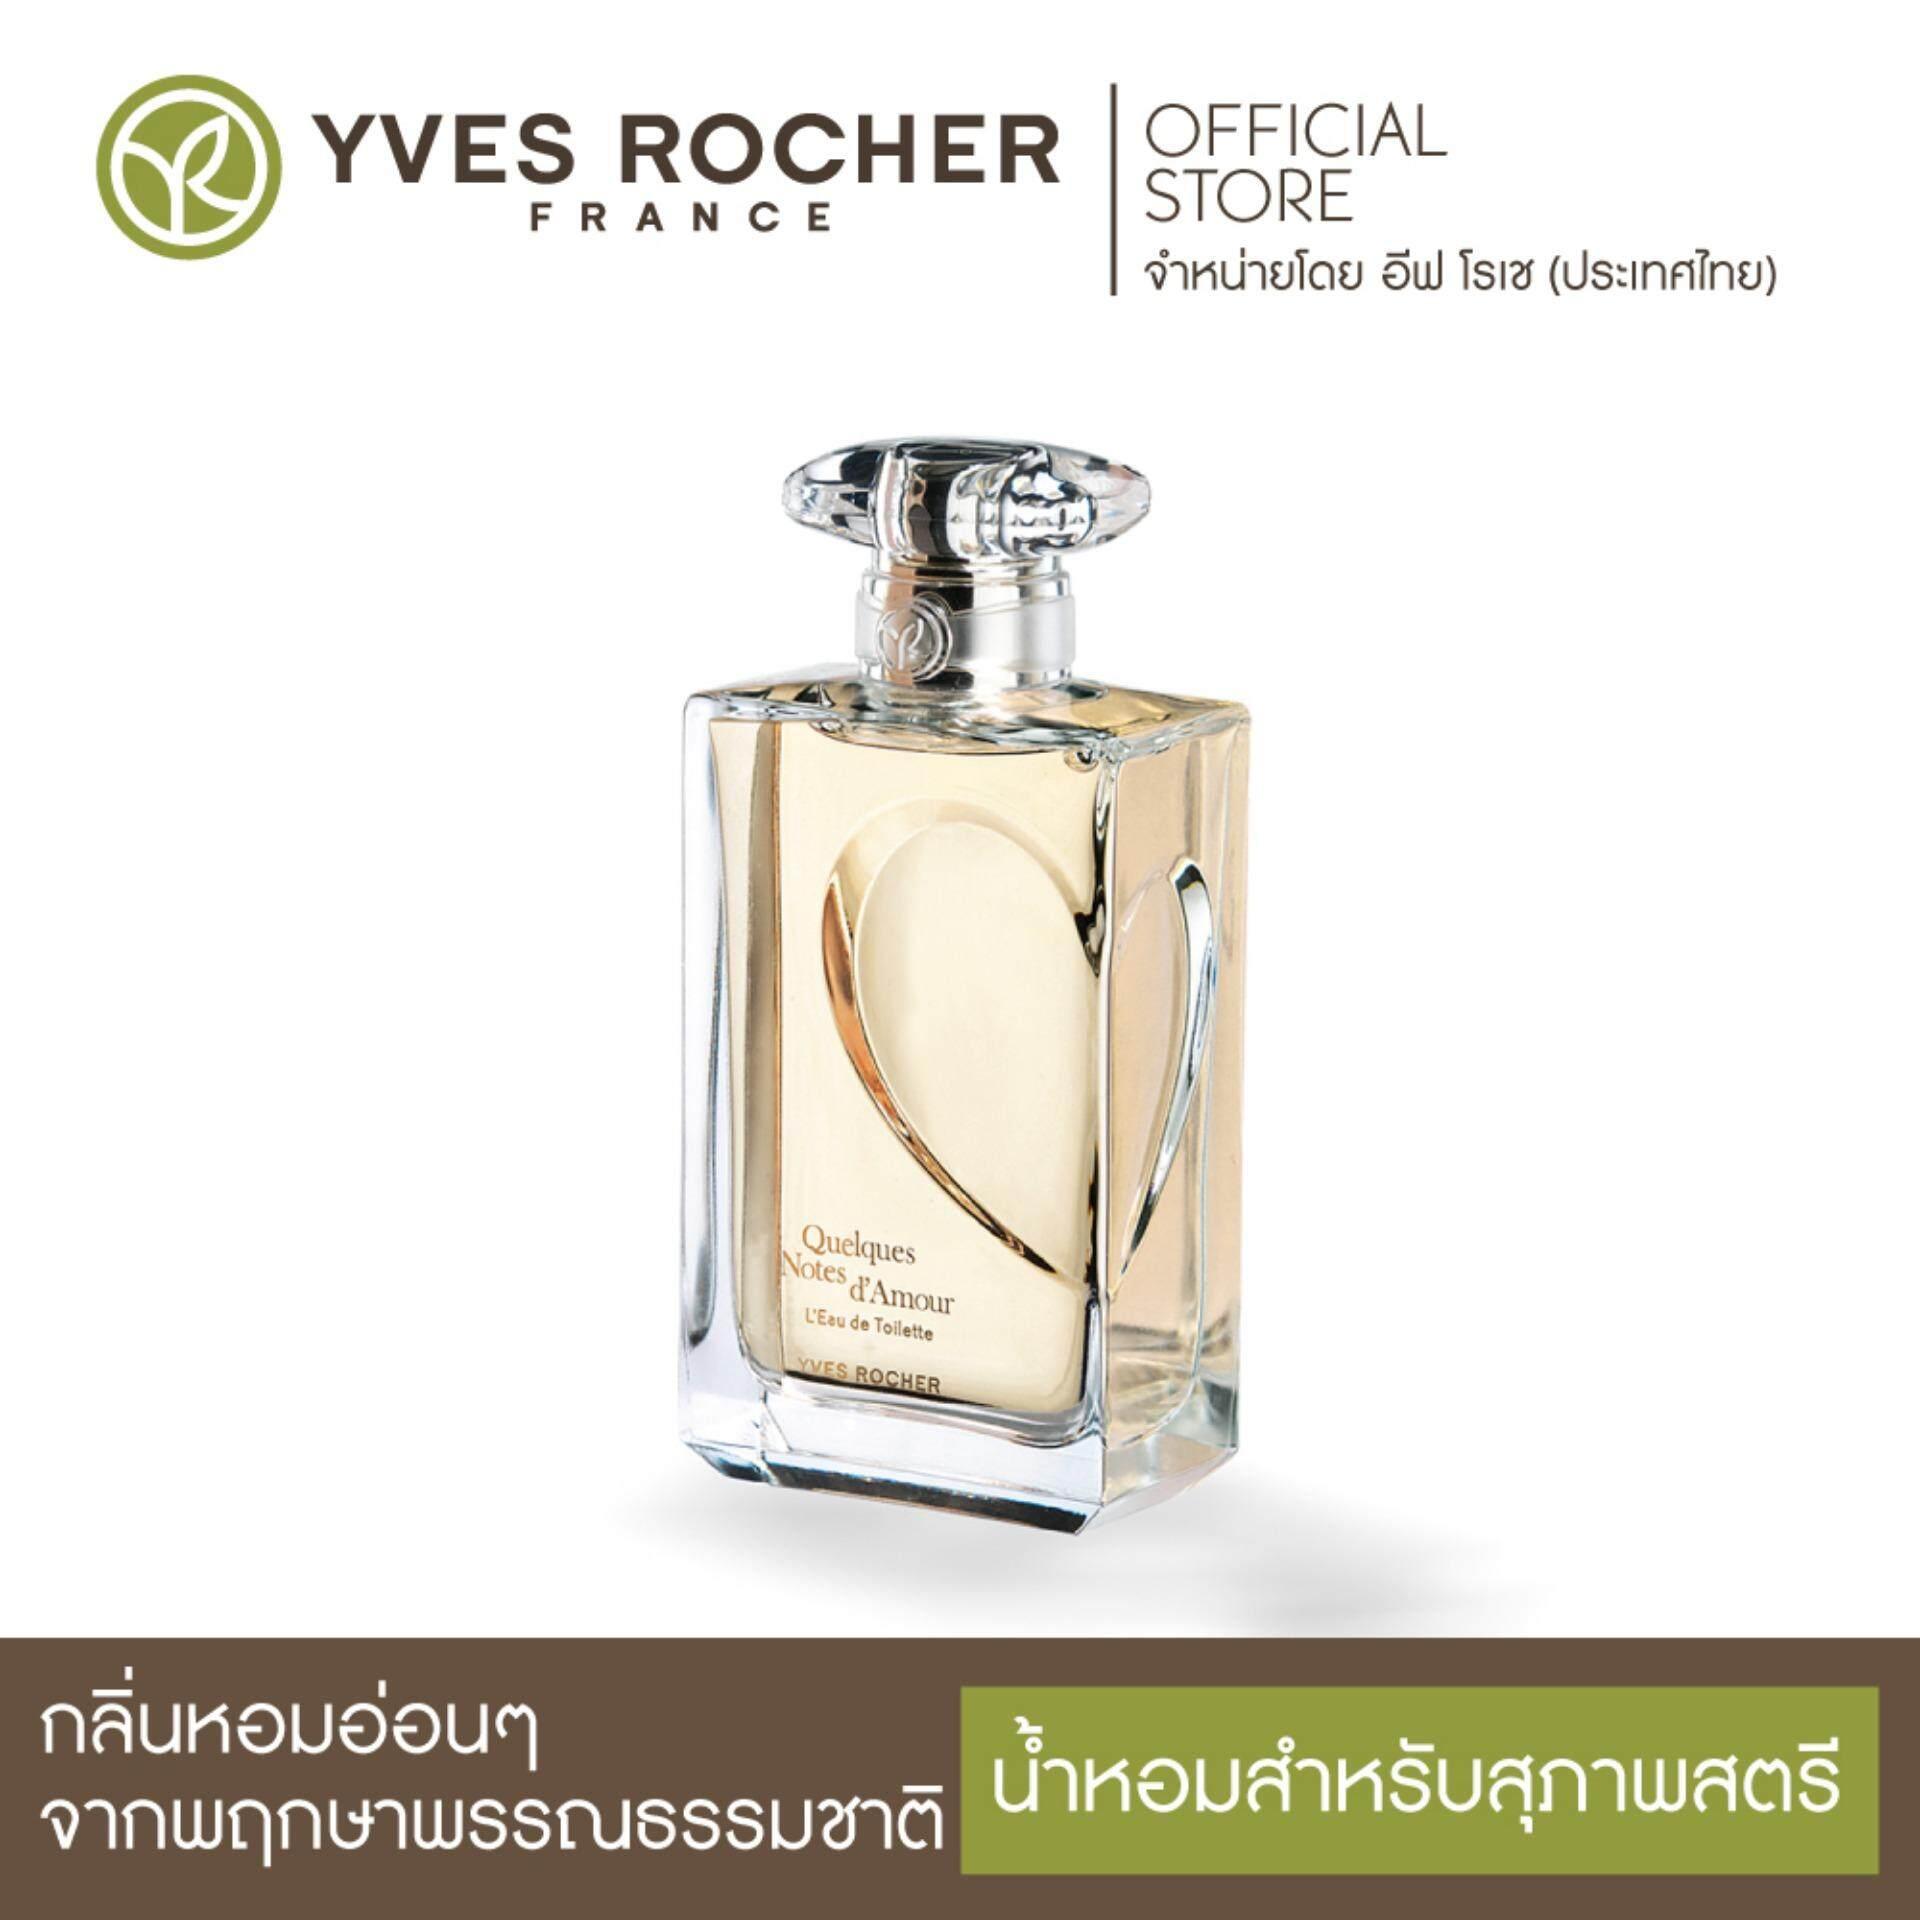 ขาย Yves Rocher สขภาพและความงาม นำหอม ซอ สขภาพและความงาม